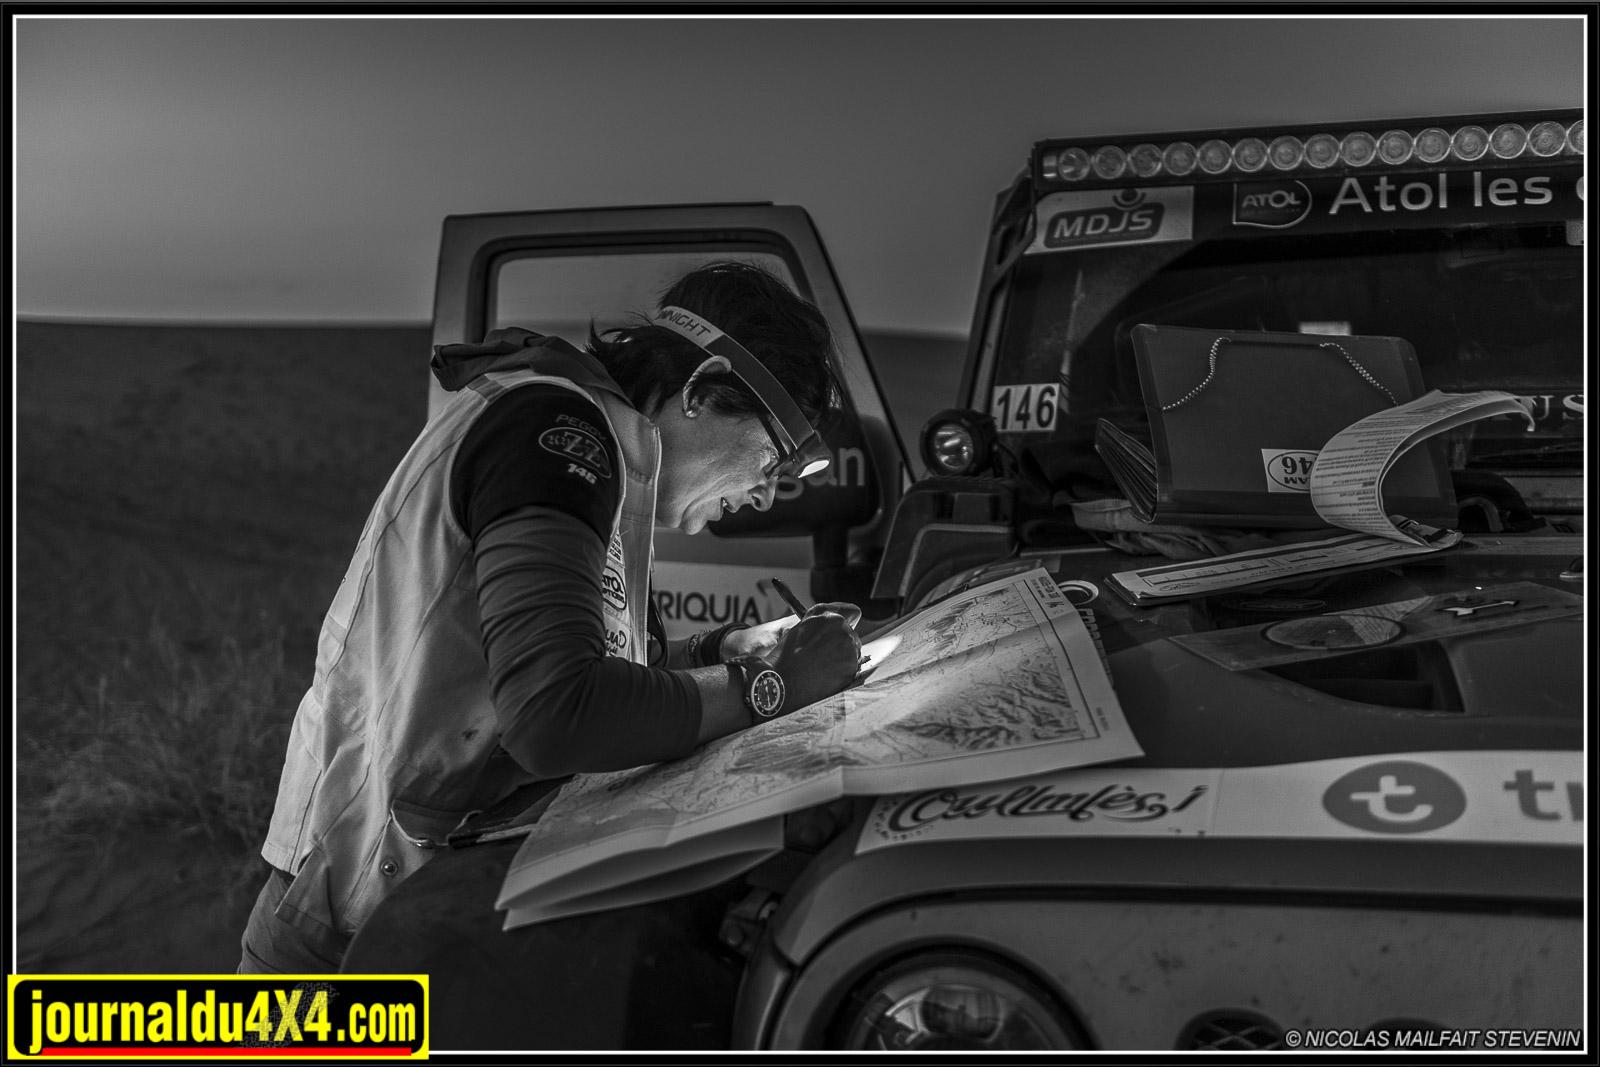 rallye-aicha-gazelles-maroc-2017-7397.jpg